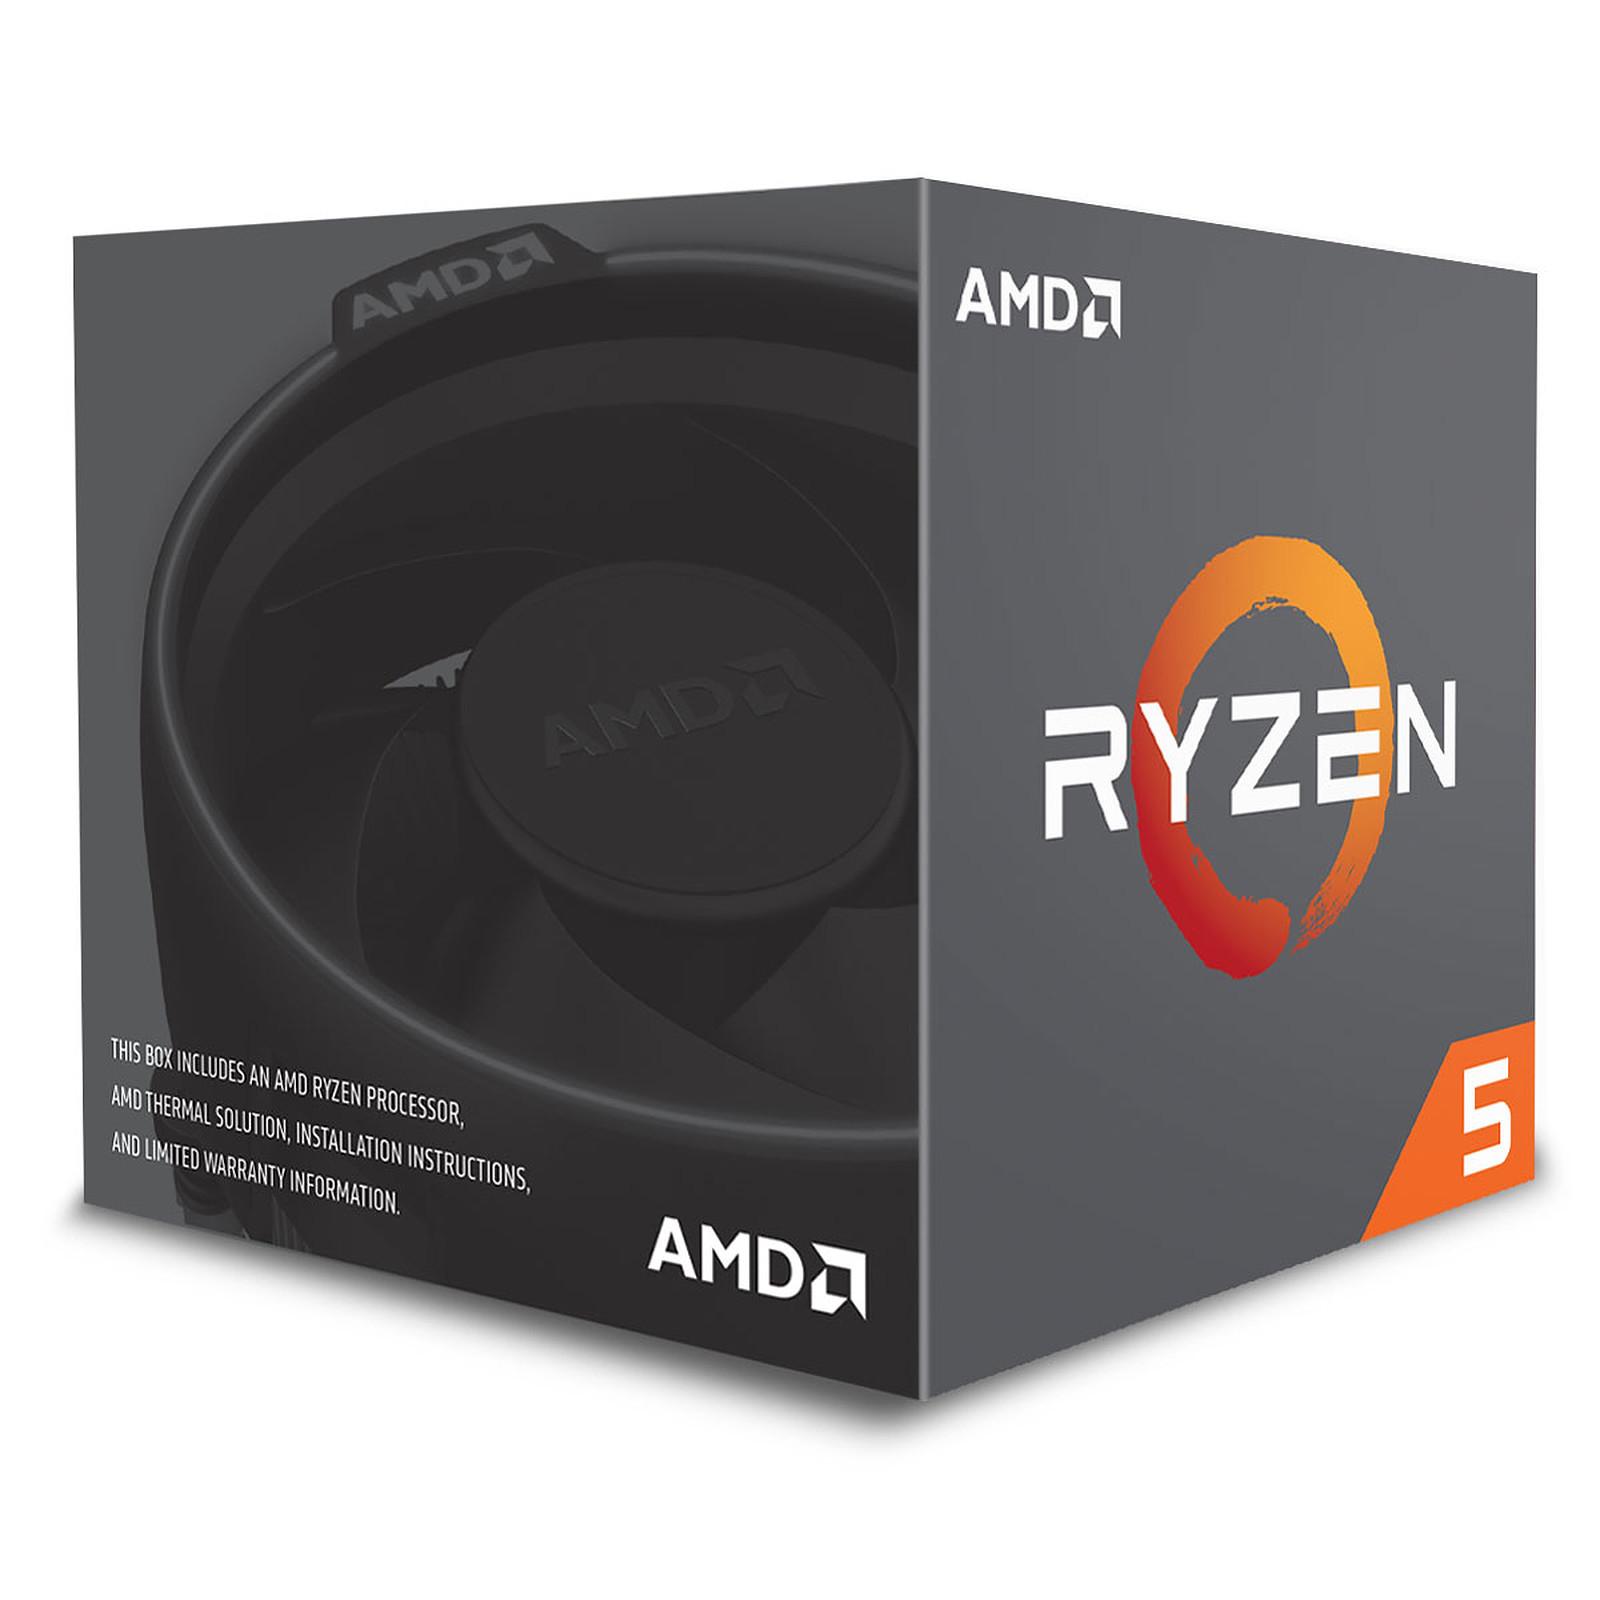 Sélection de processeurs AMD en promotion - Ex: Processeur AMD Ryzen 5 2600X Wraith Spire Edition (3.6 GHz)